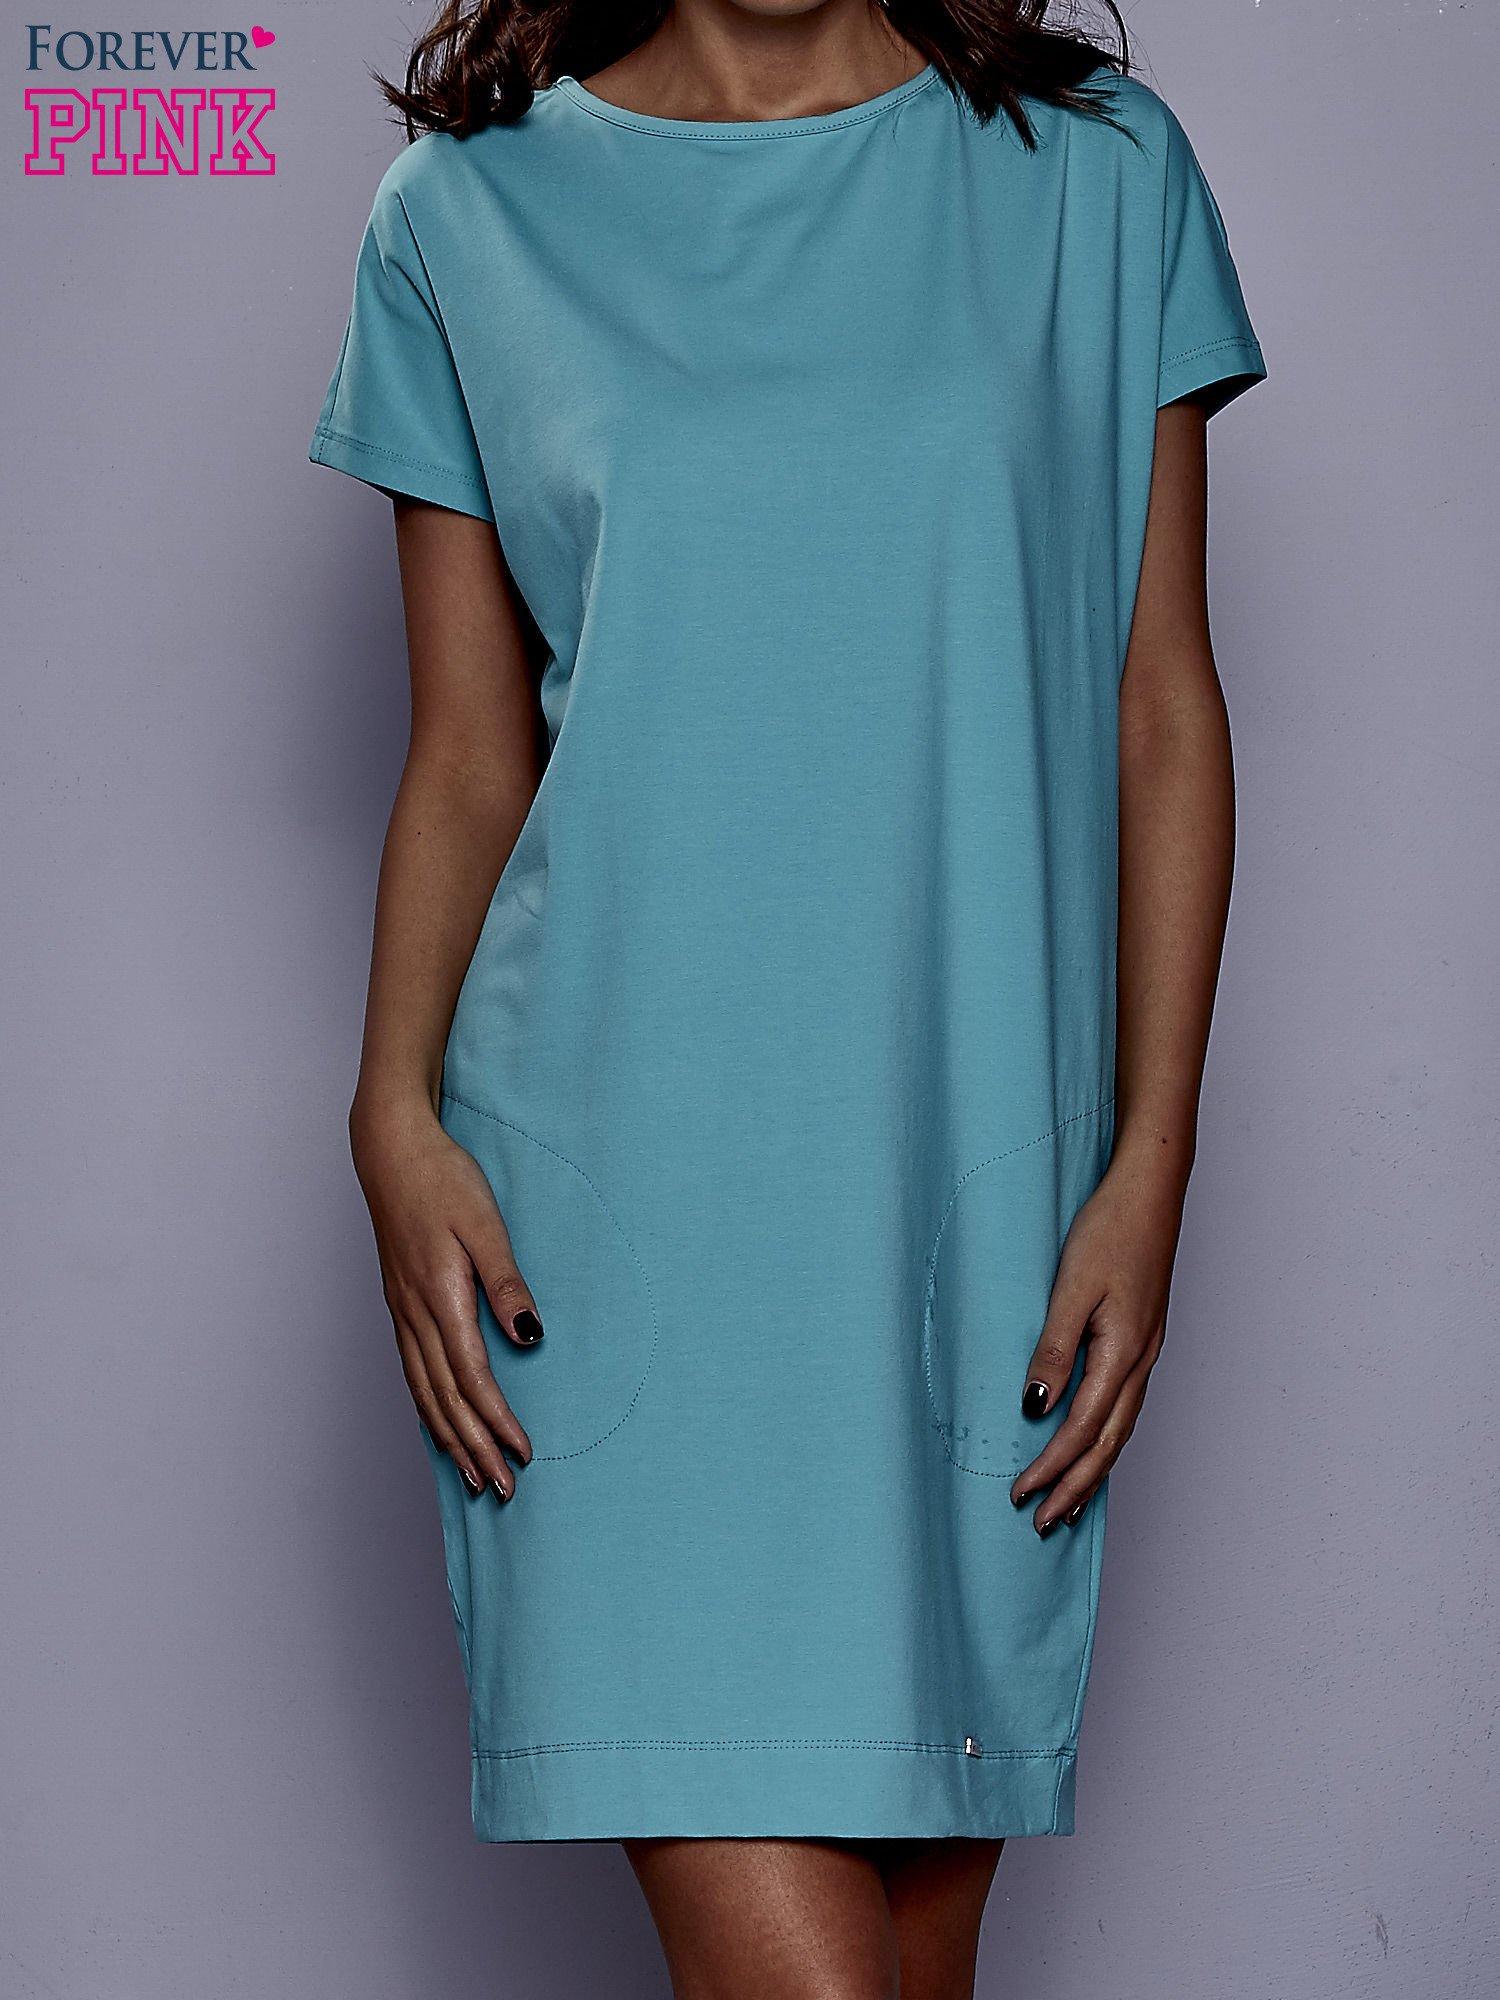 Jasnozielona sukienka dresowa z kieszeniami po bokach                                  zdj.                                  1